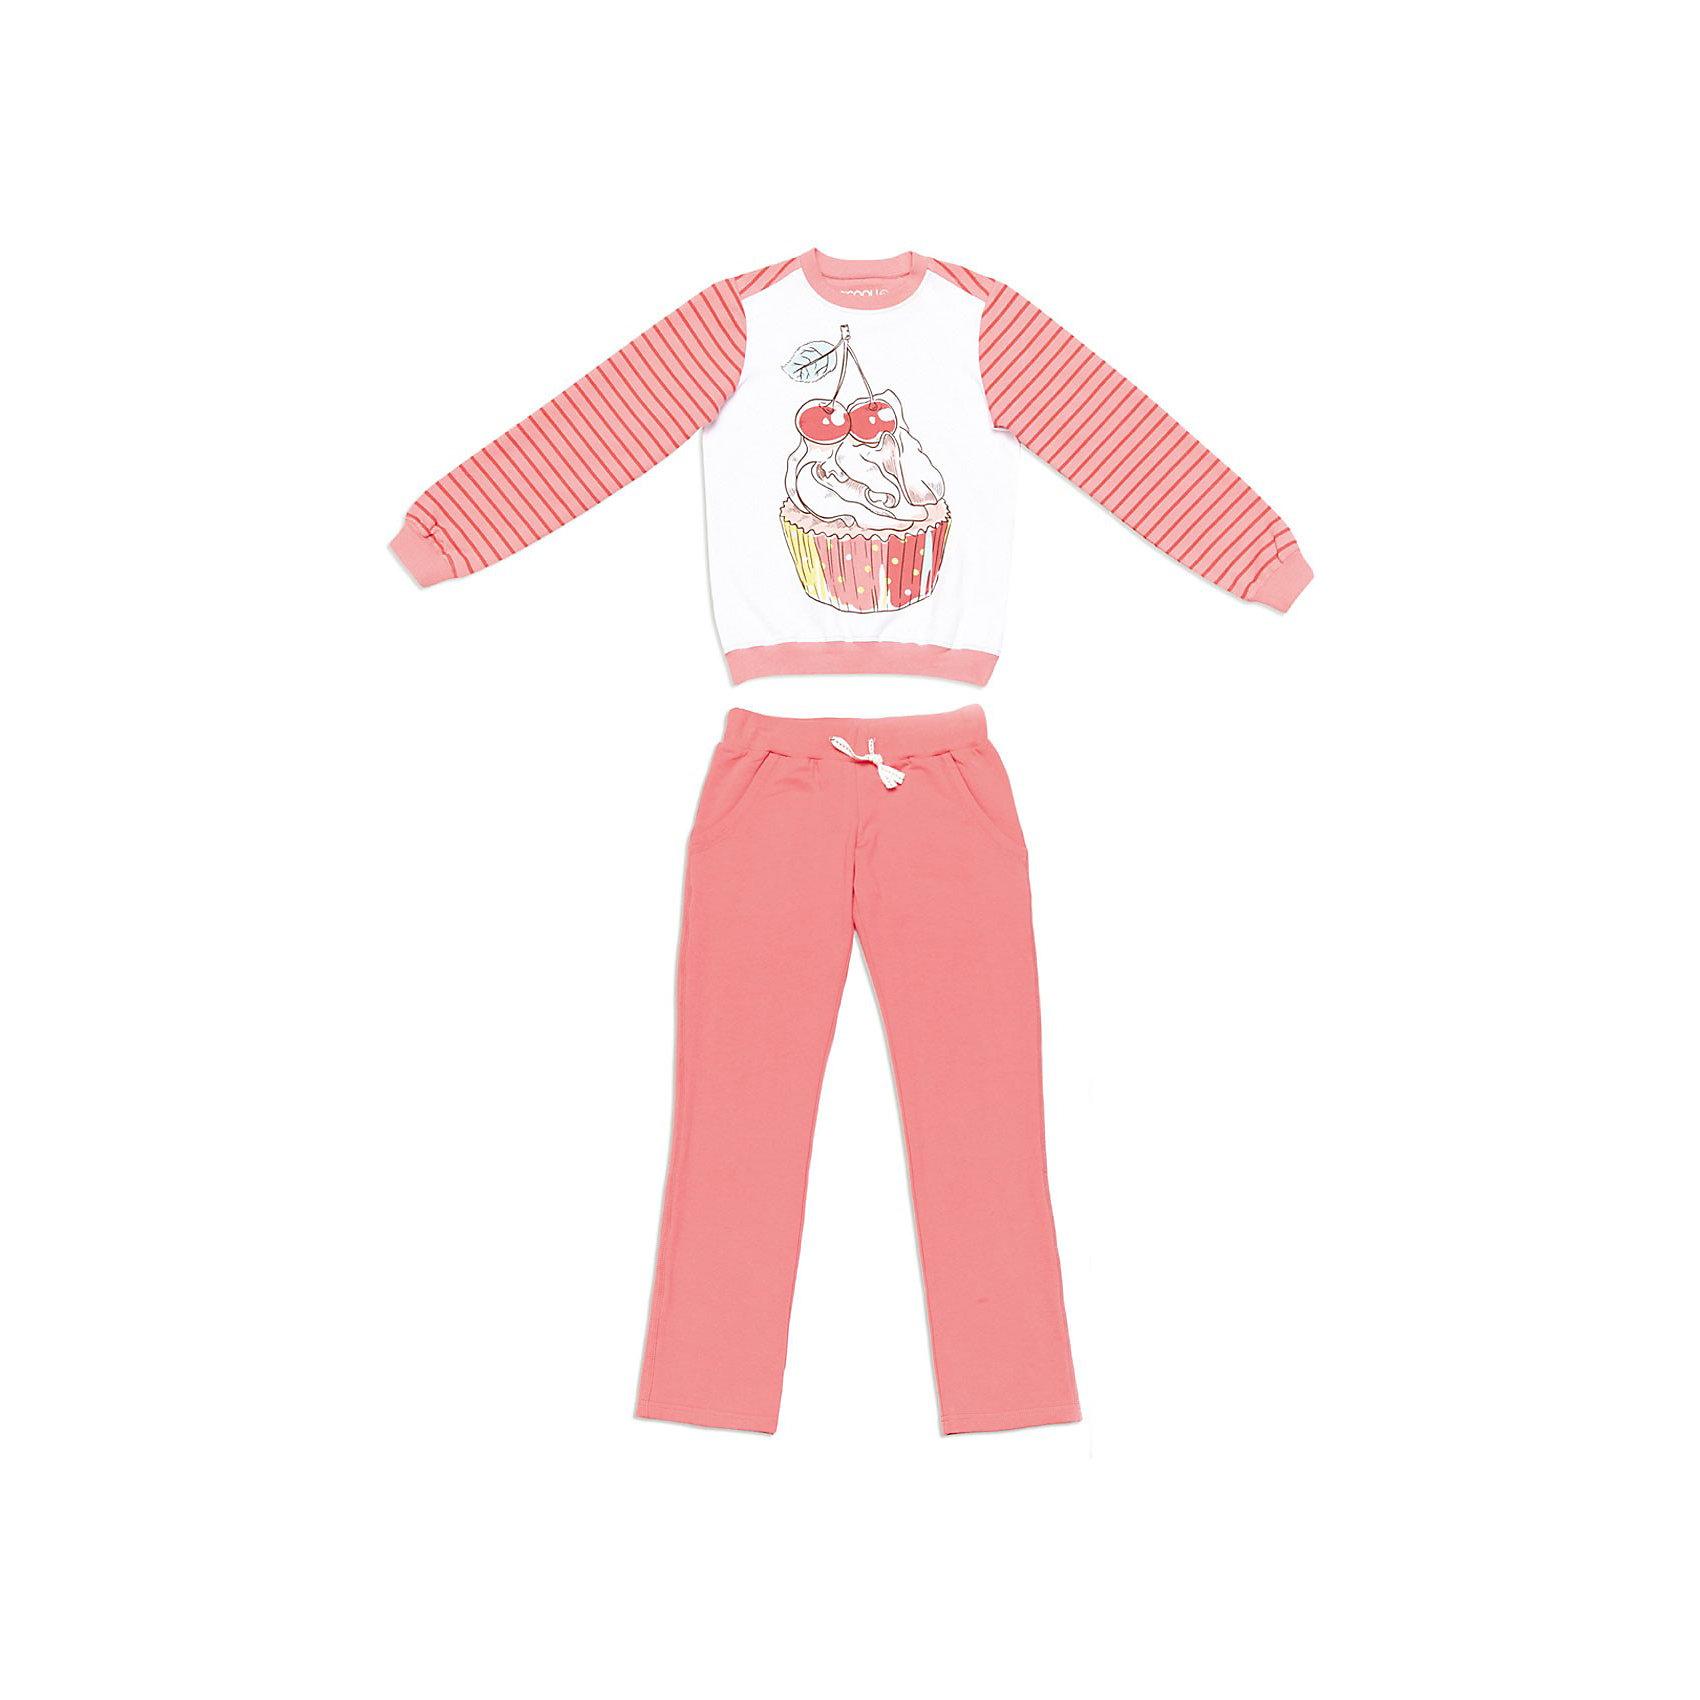 Комплект для девочки: толстовка и брюки ScoolКомплект для девочки: толстовка и брюки Scool. <br>* комфортный комплект для дома, состоящий из толстовки и брюк<br>* мягкий эластичный трикотаж<br>* толстовка из комбинированного трикотажа<br>* принт на полочке<br>* горловина и манжеты - вязаная трикотажная резинка<br>* пояс брюк - трикотажная резинка, дополнительно объем регулируется шнуром<br>* модель с карманами <br>Состав: 95% хлопок, 5% эластан<br><br>Ширина мм: 190<br>Глубина мм: 74<br>Высота мм: 229<br>Вес г: 236<br>Цвет: розовый<br>Возраст от месяцев: 120<br>Возраст до месяцев: 132<br>Пол: Женский<br>Возраст: Детский<br>Размер: 146,164,152,140,134,158<br>SKU: 3774727